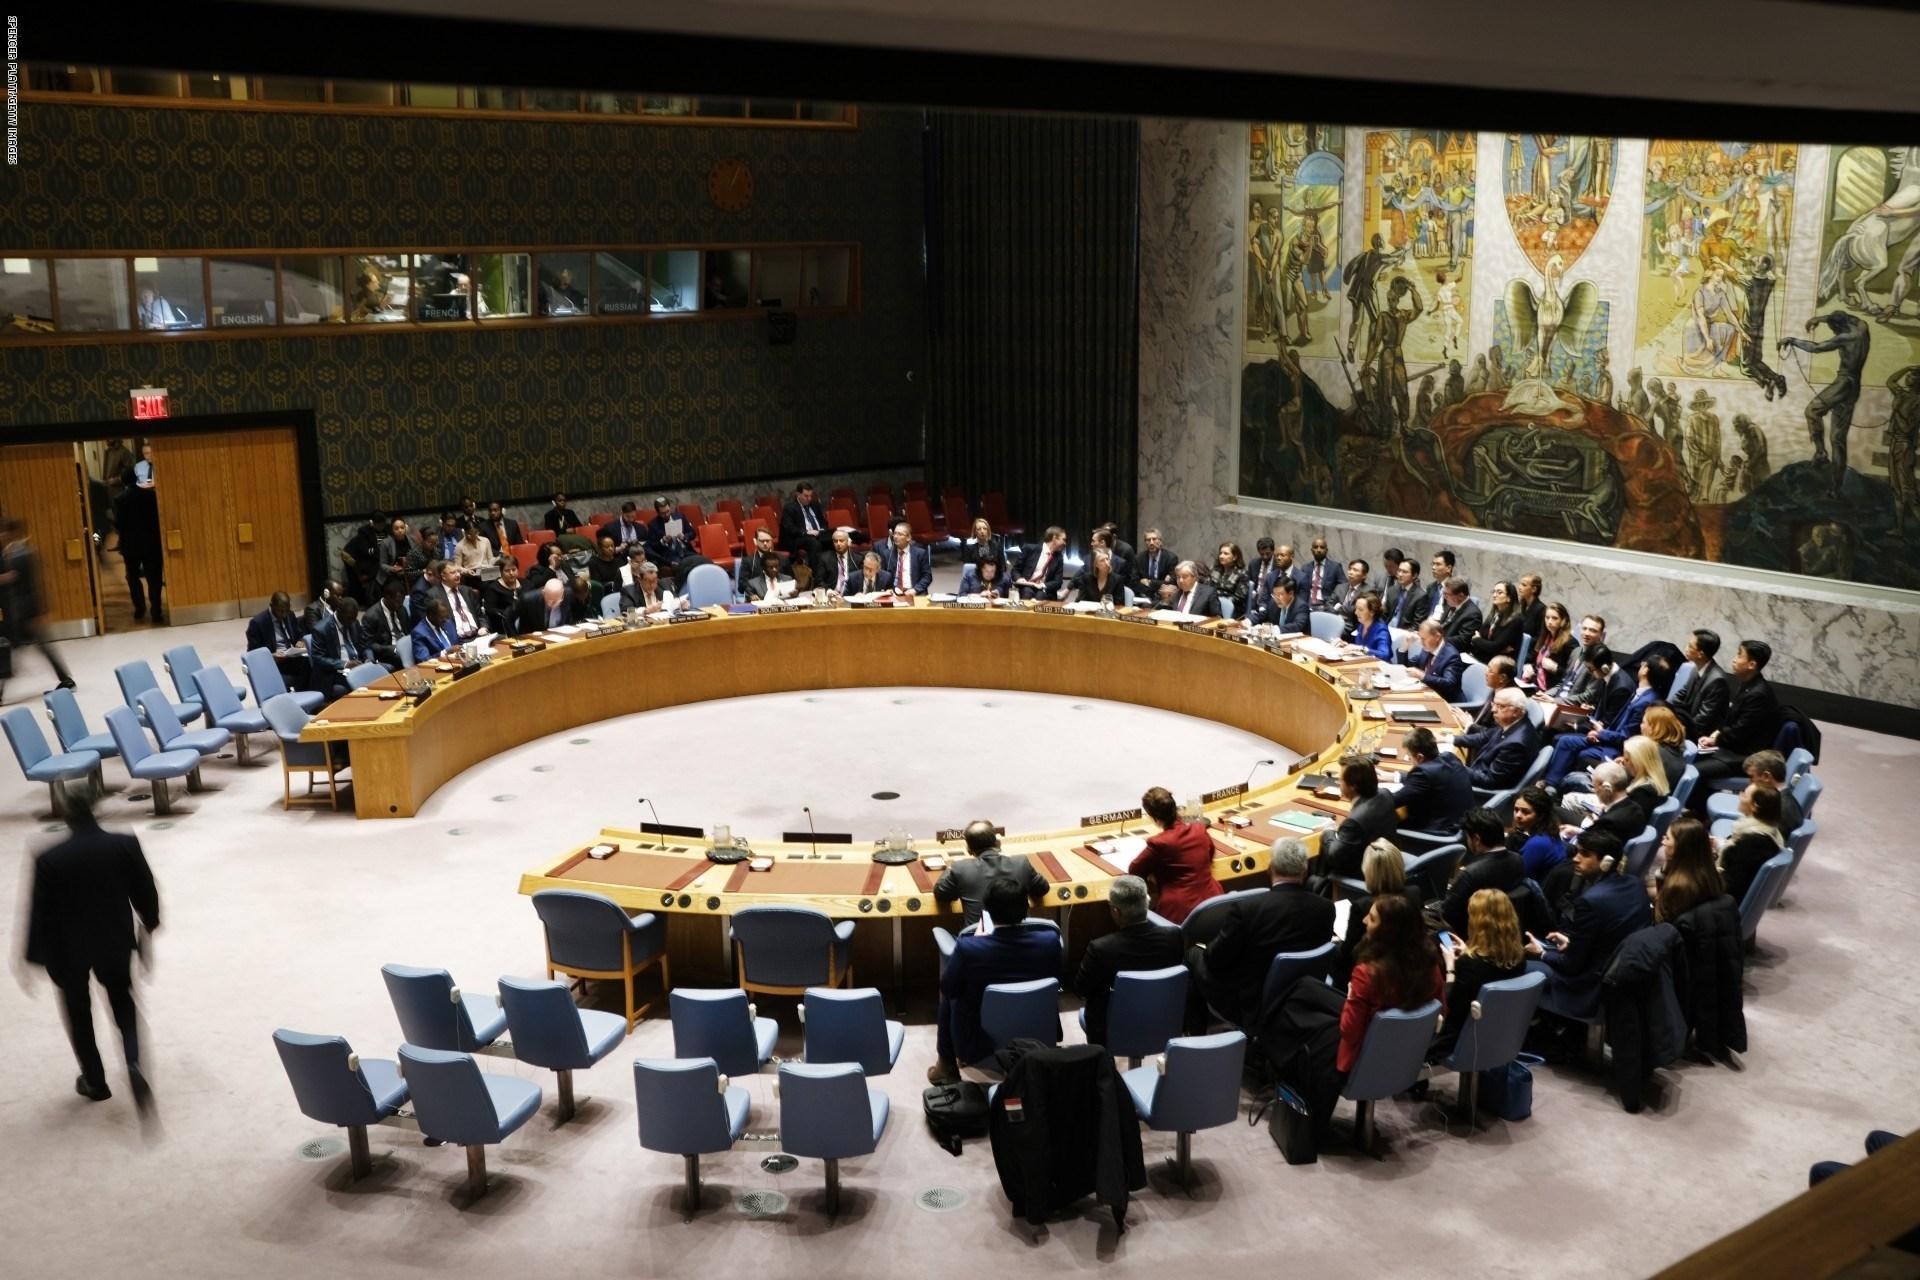 مجلس الأمن يجتمع لبحث التطورات في بيلاروسيا